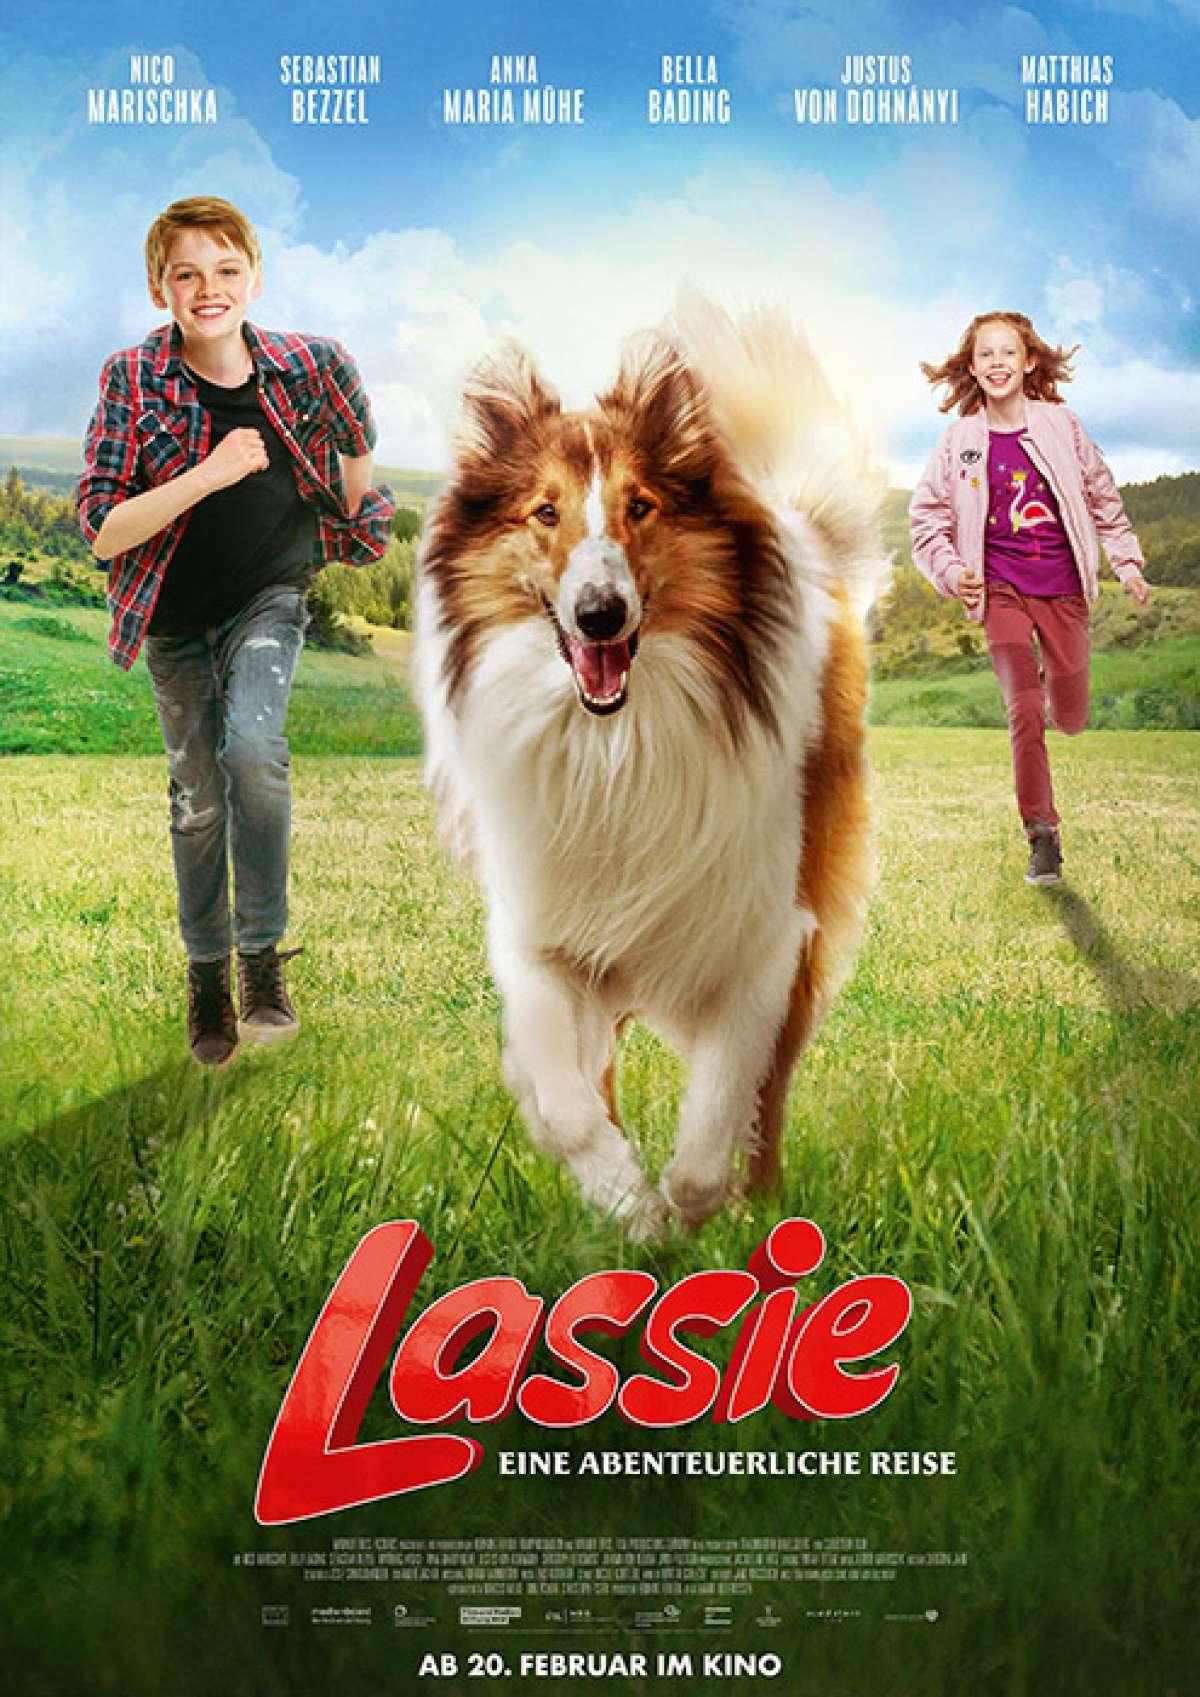 ABGESAGT -Lassie - Eine abenteuerliche Reise - Lassie - Eine abenteuerliche Reise - Kino  - Bad Driburg